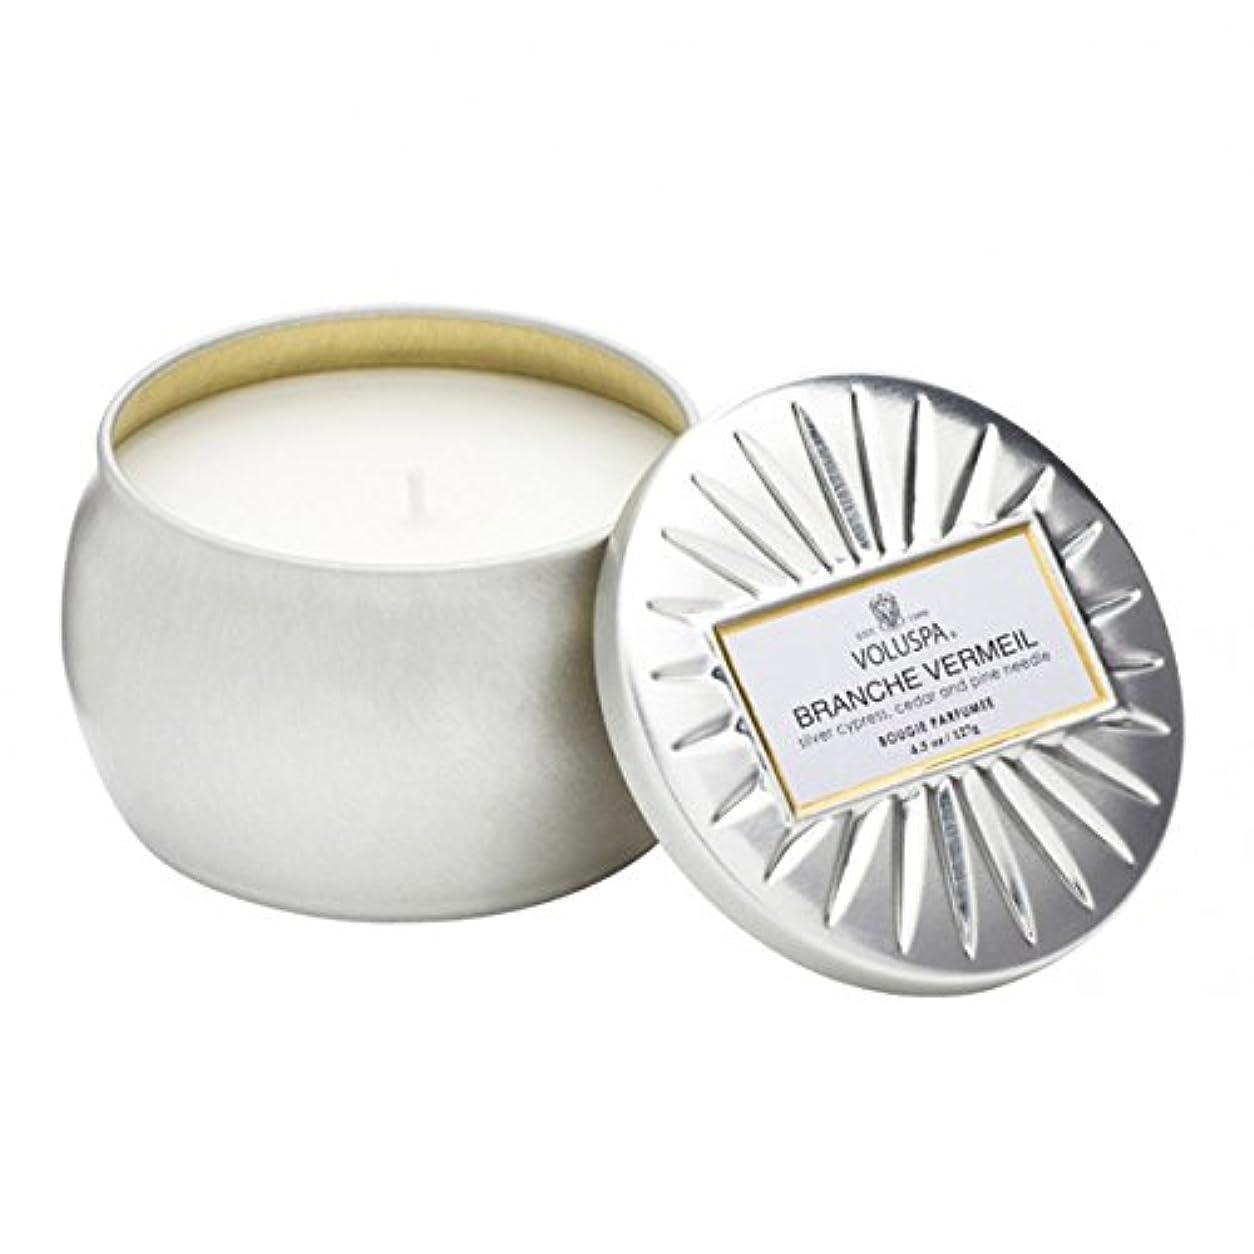 ドア樹木Voluspa ボルスパ ヴァーメイル ティンキャンドル  S フ?ランチヴァーメイル BRANCHE VERMEIL VERMEIL PETITE Tin Glass Candle